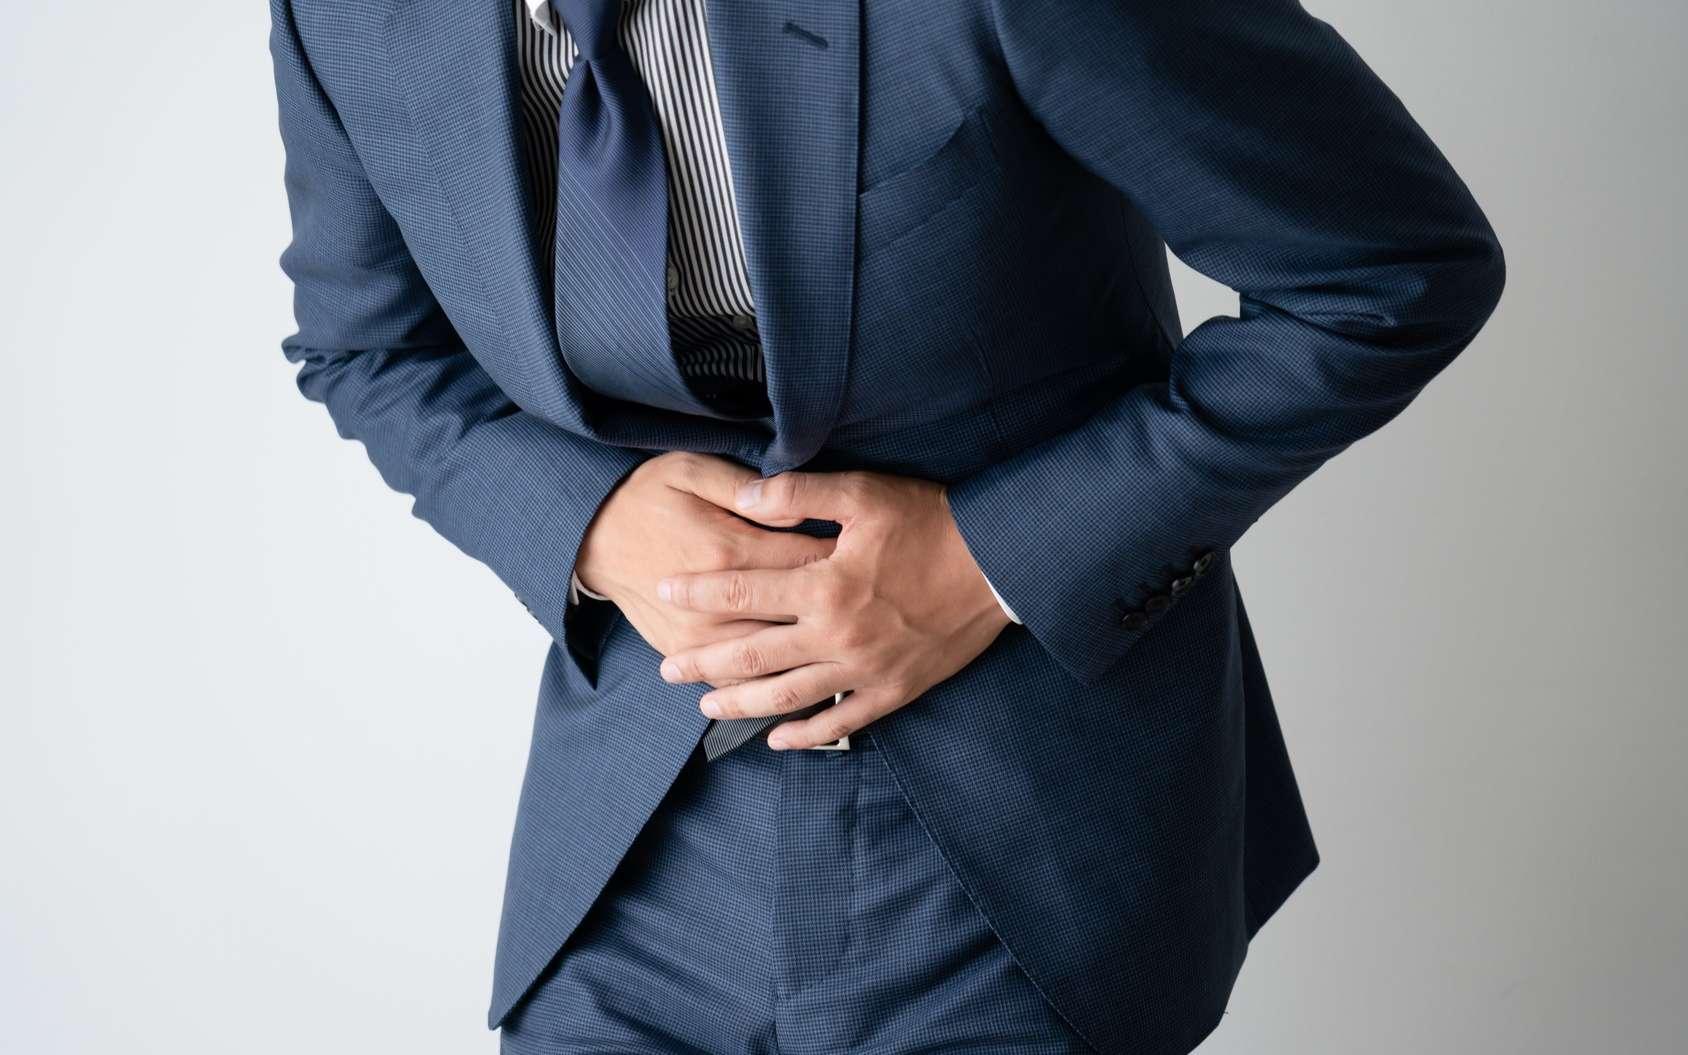 Stressé, on a souvent mal au ventre. Les probiotiques peuvent-ils aider ? © aijiro, Fotolia